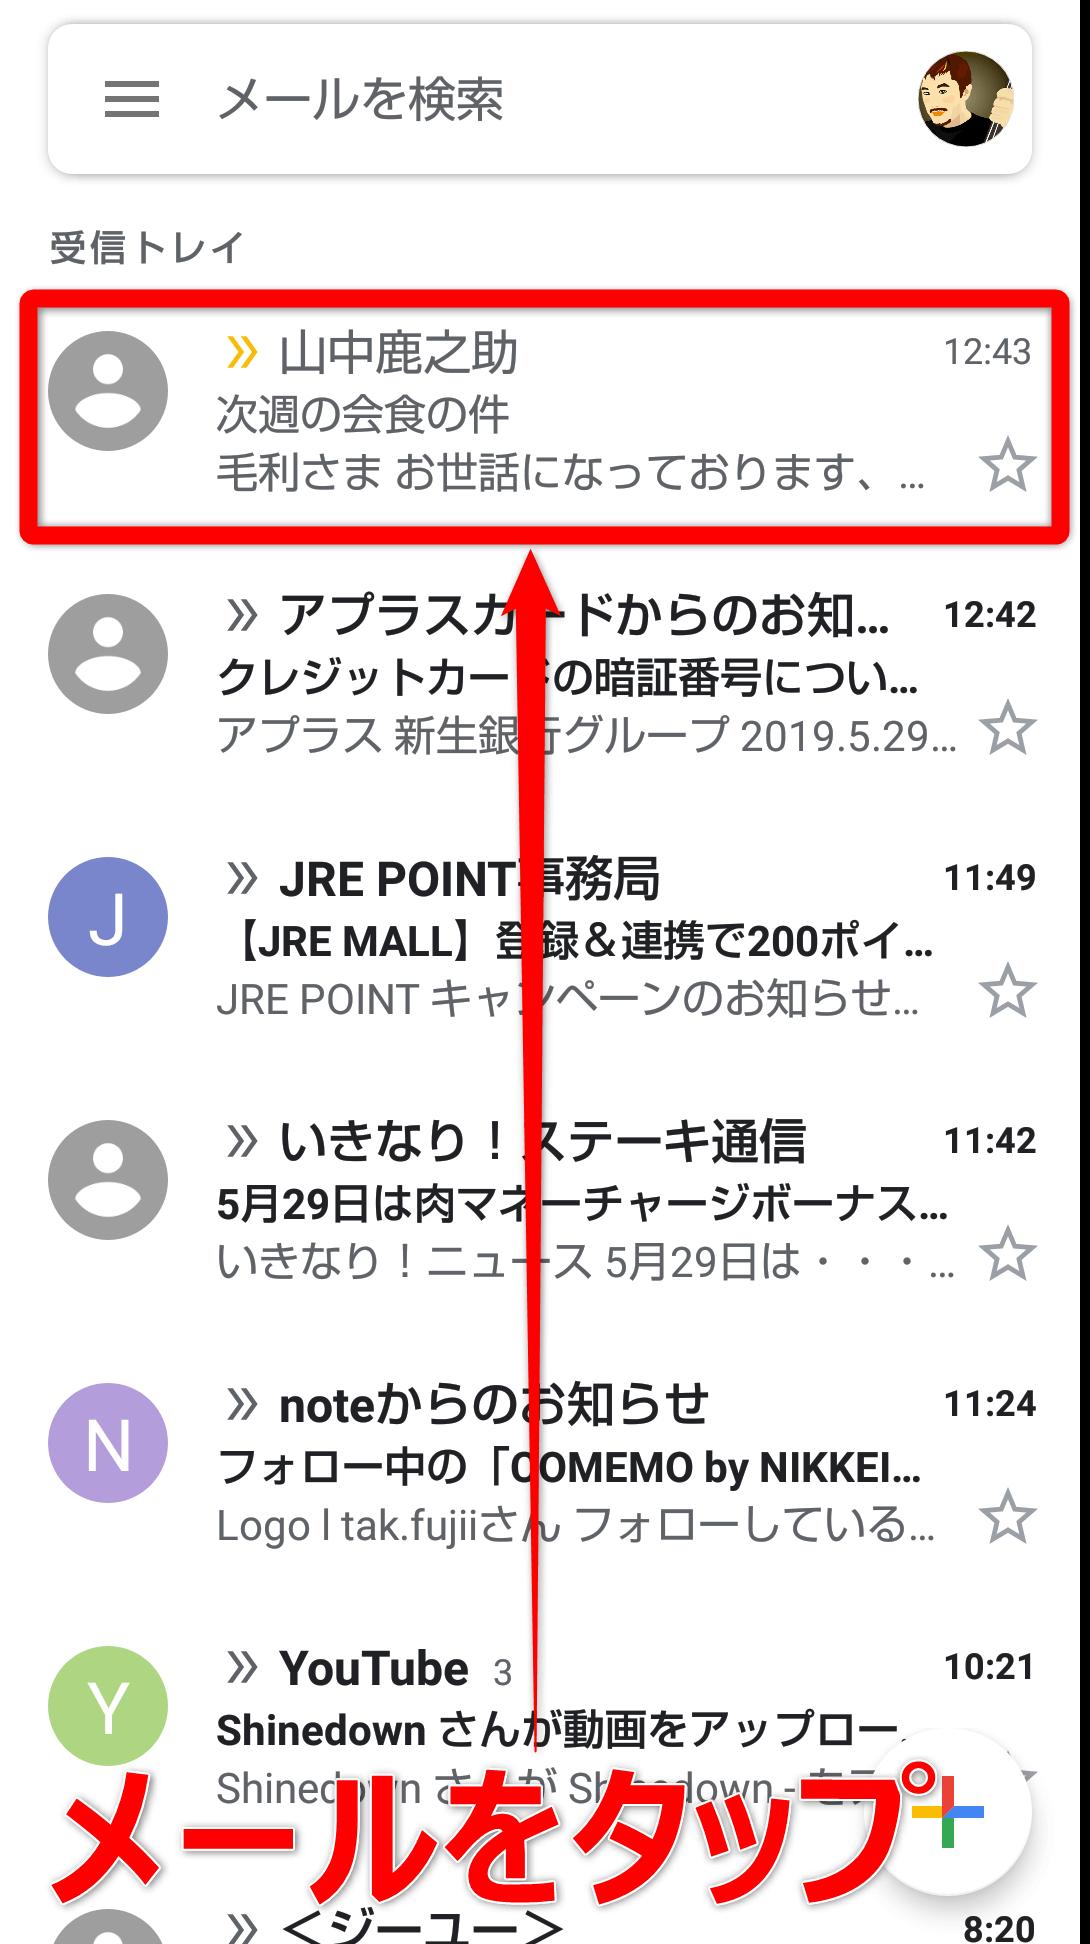 スマートフォン(Android、アンドロイド、iPhone、アイフォーン)の[Gmail]アプリの画面